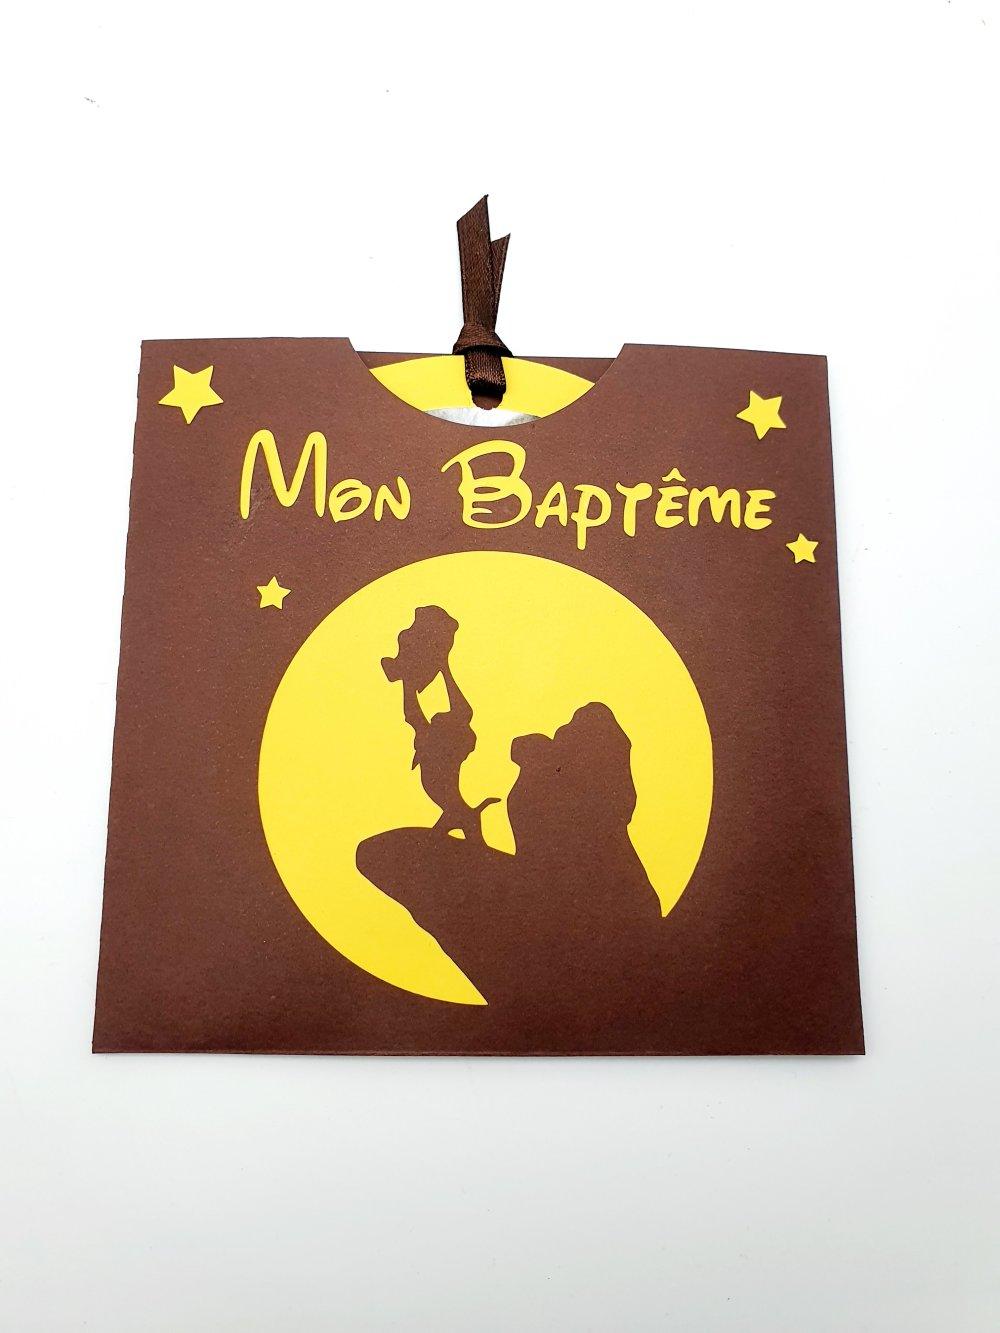 Lot de 10 faire-part de Baptême - Thème : Roi Lion - Personnalisable (couleur, texte...)